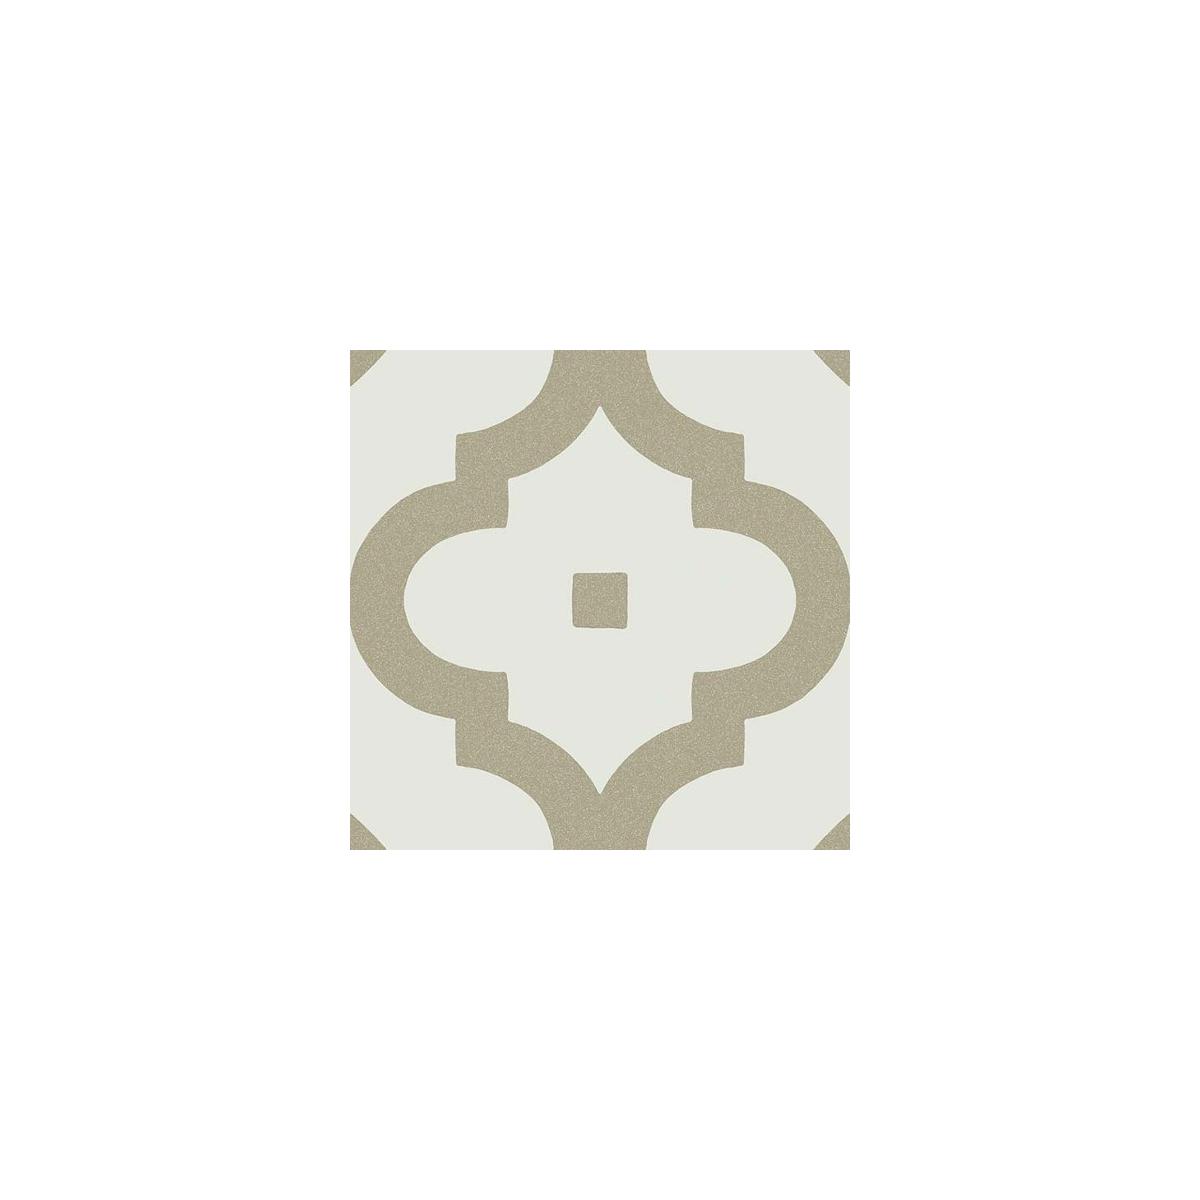 Ladakhi Musgo 20x20 (m2) - Losas hidráulicas Porcelánico antideslizante